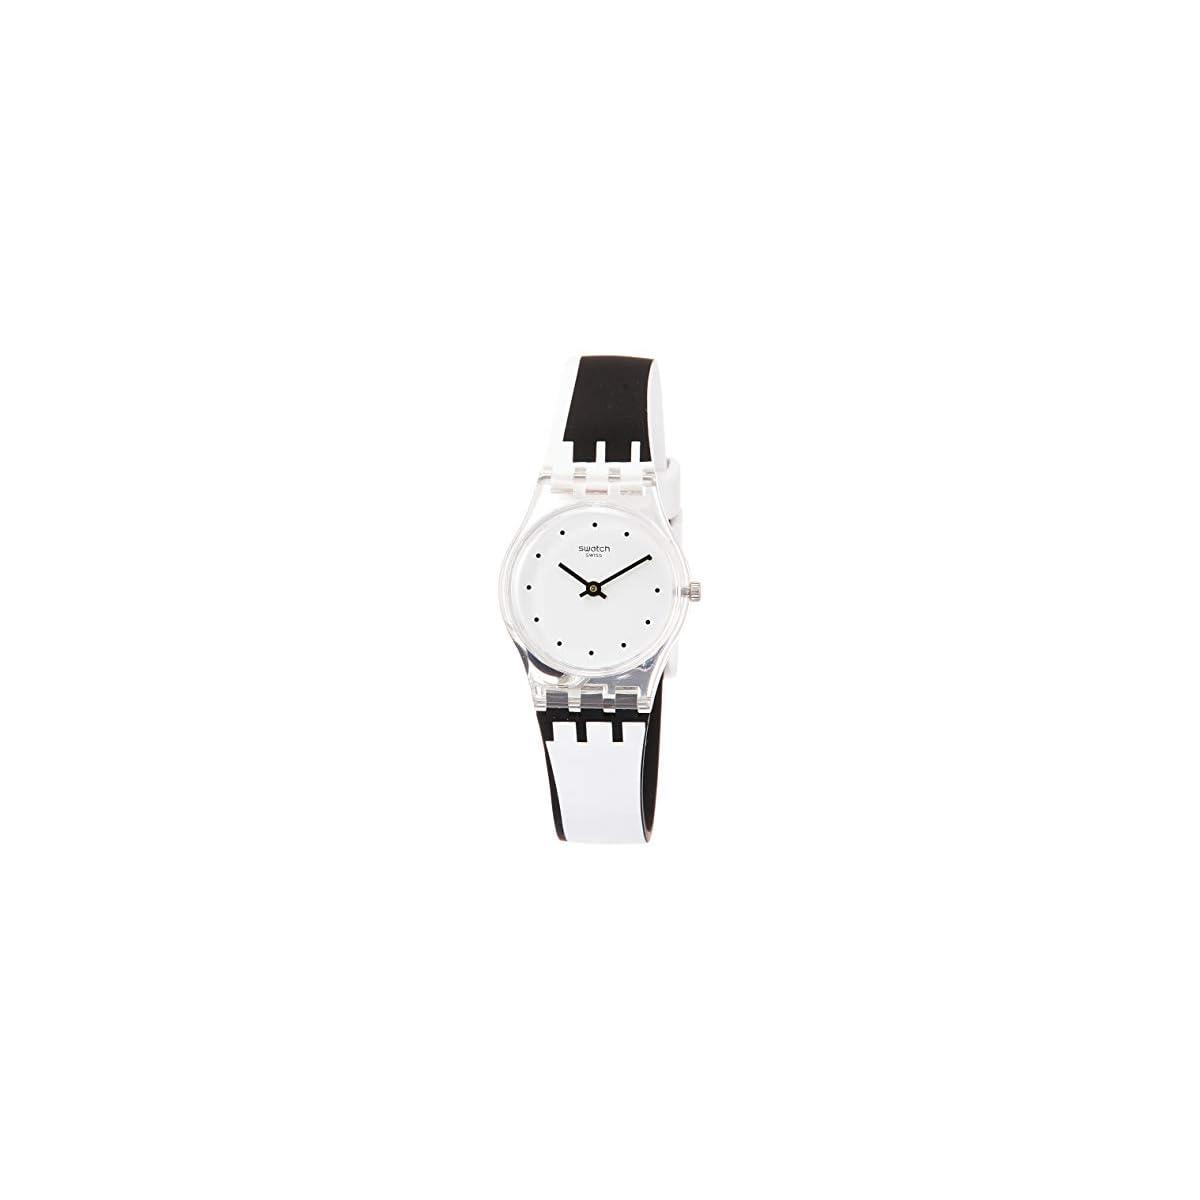 31z8wlzjXZL. SS1200  - Swatch Reloj Analógico para Mujer de Cuarzo con Correa en Silicona LK370